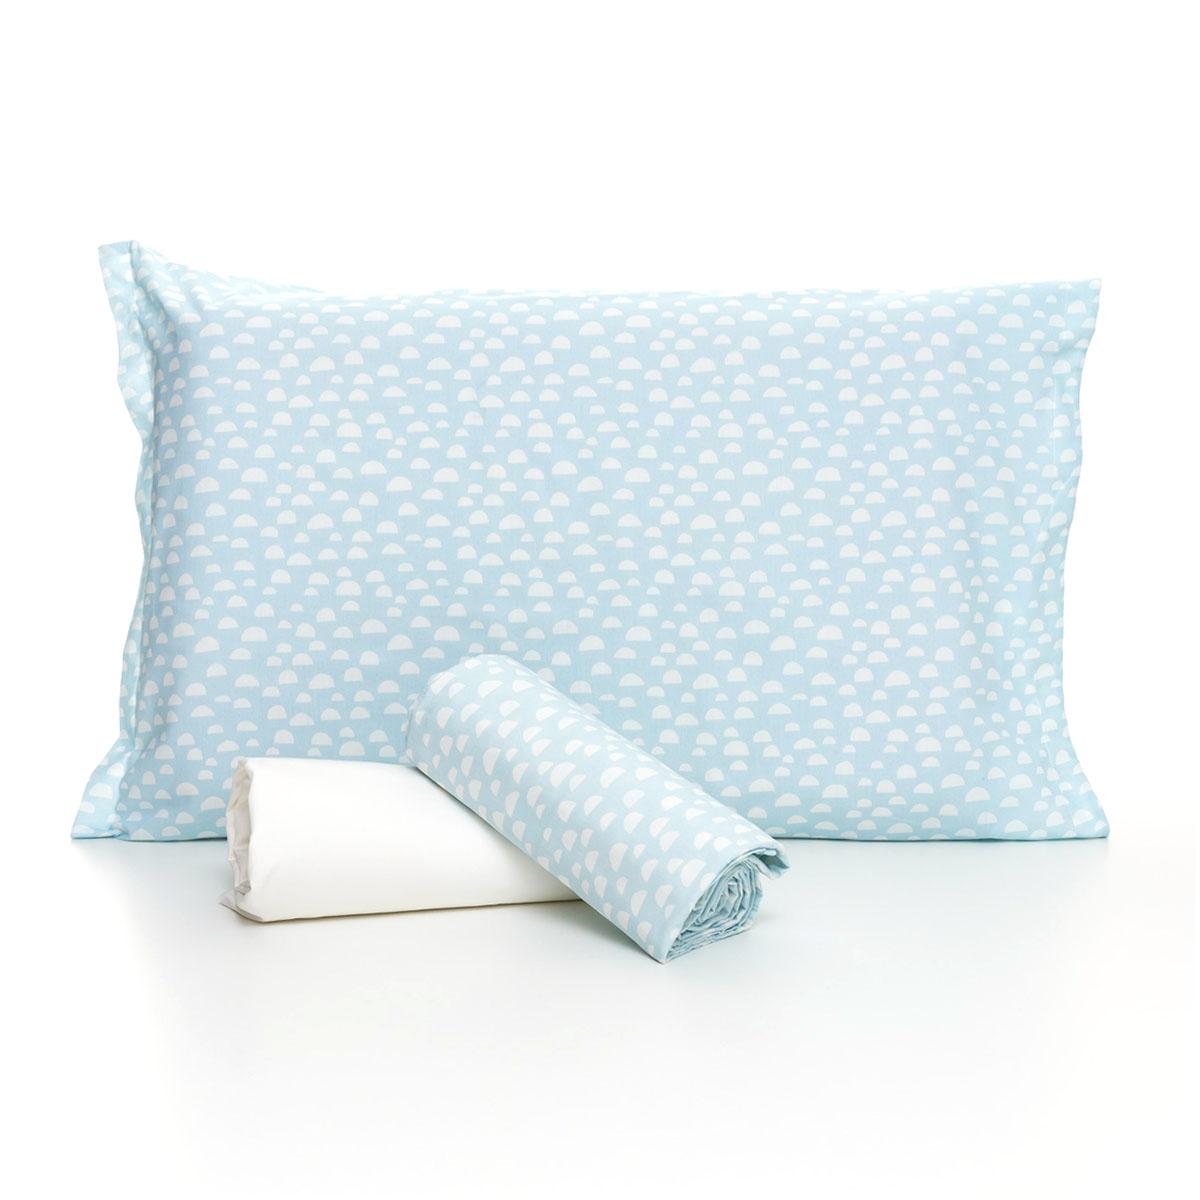 Jogo De Cama Iceberg Azul Claro Com Lençol De Elástico Off White